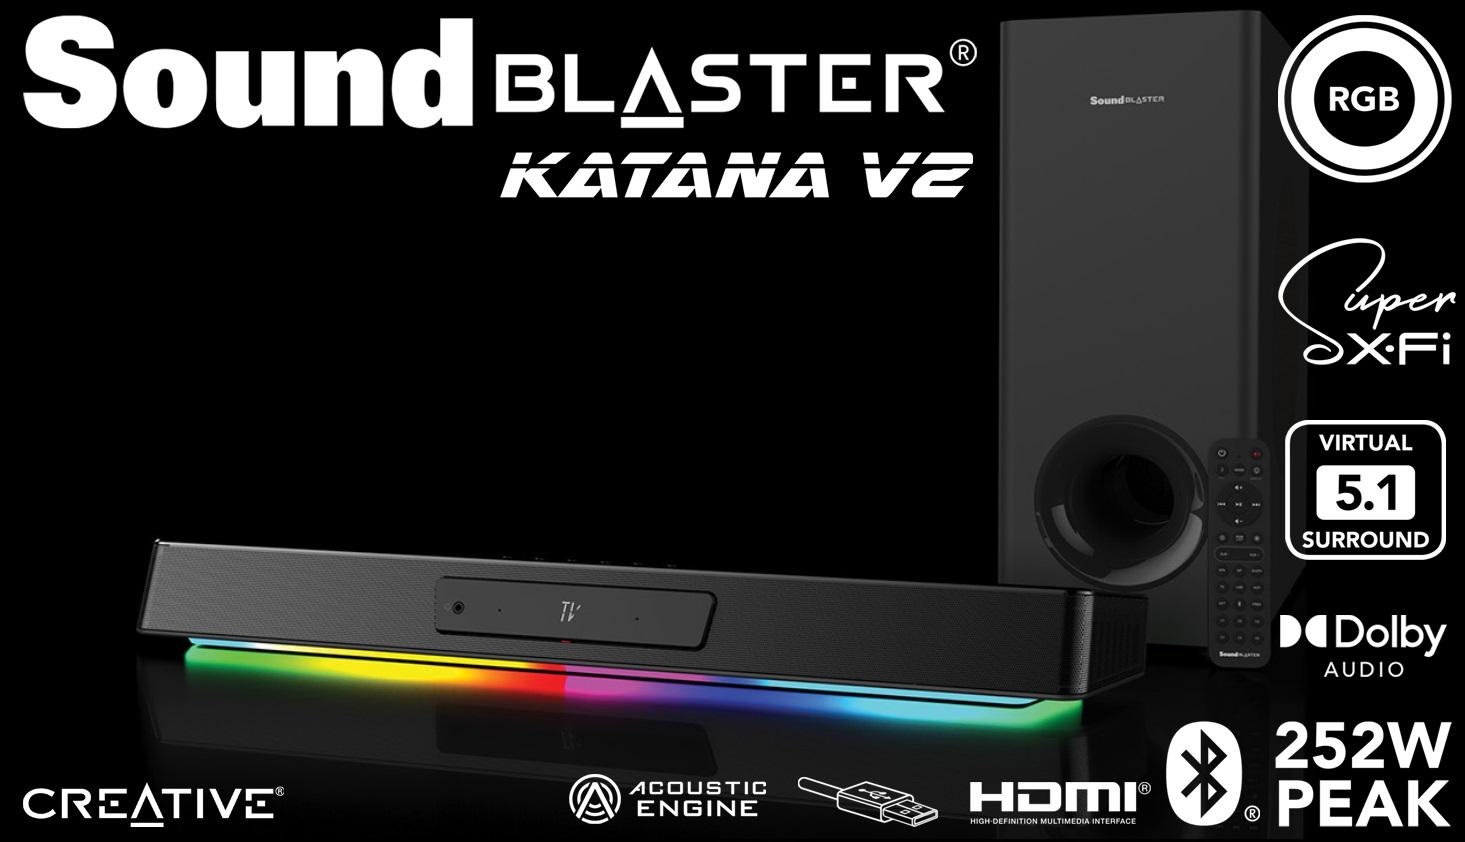 soundbar Creative Sound Blaster KATANA V2